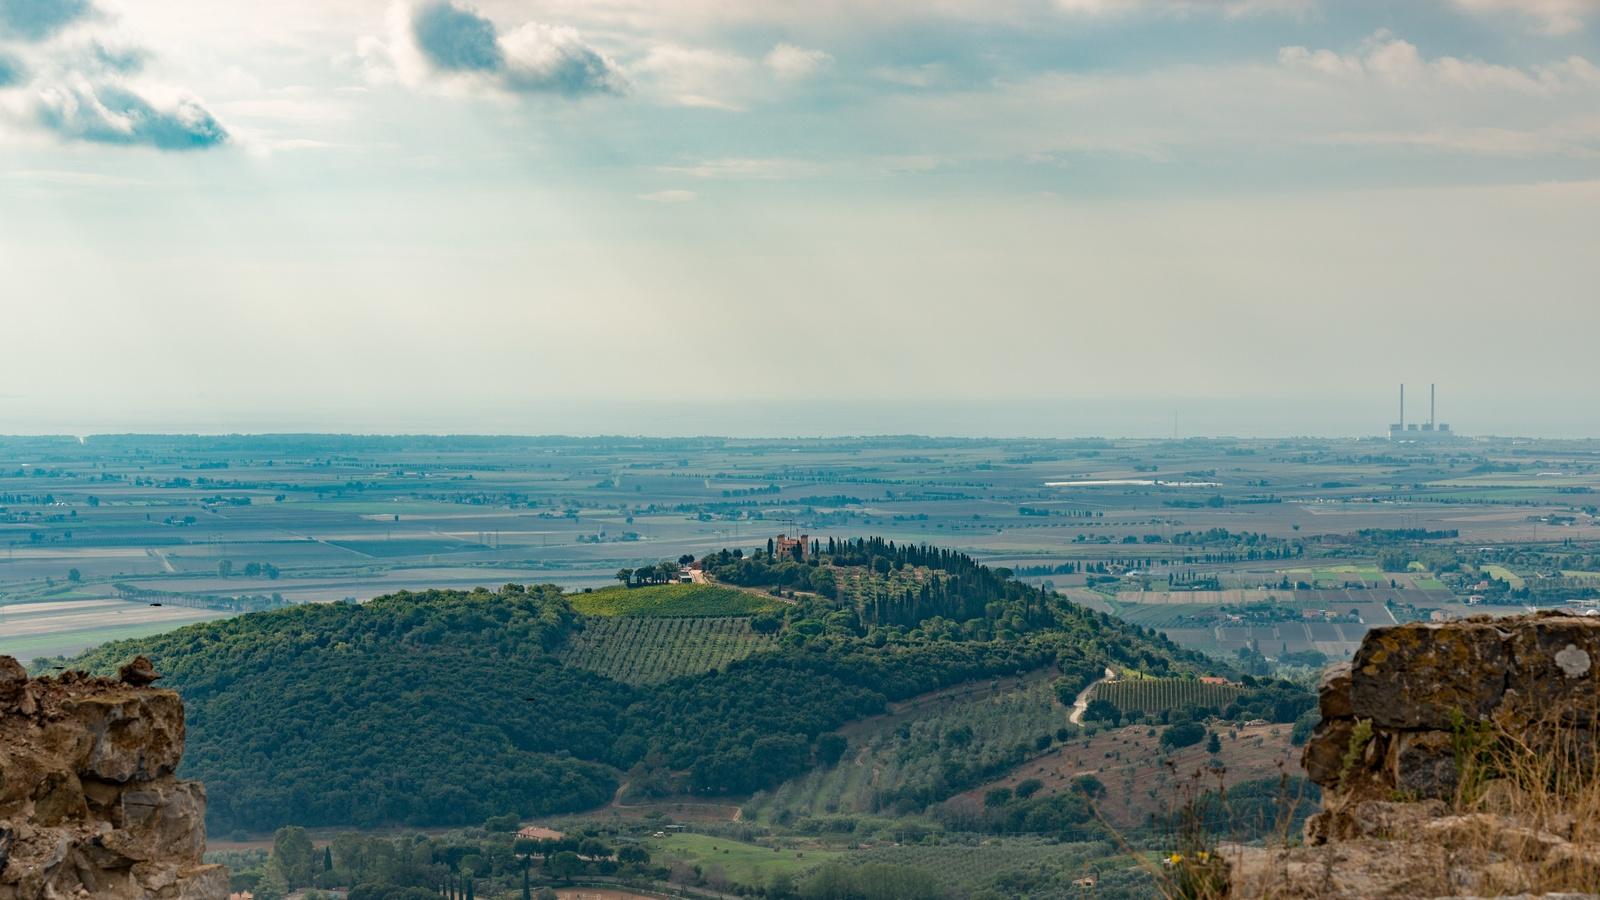 тоскана, италия, горизонт, холмы, природа